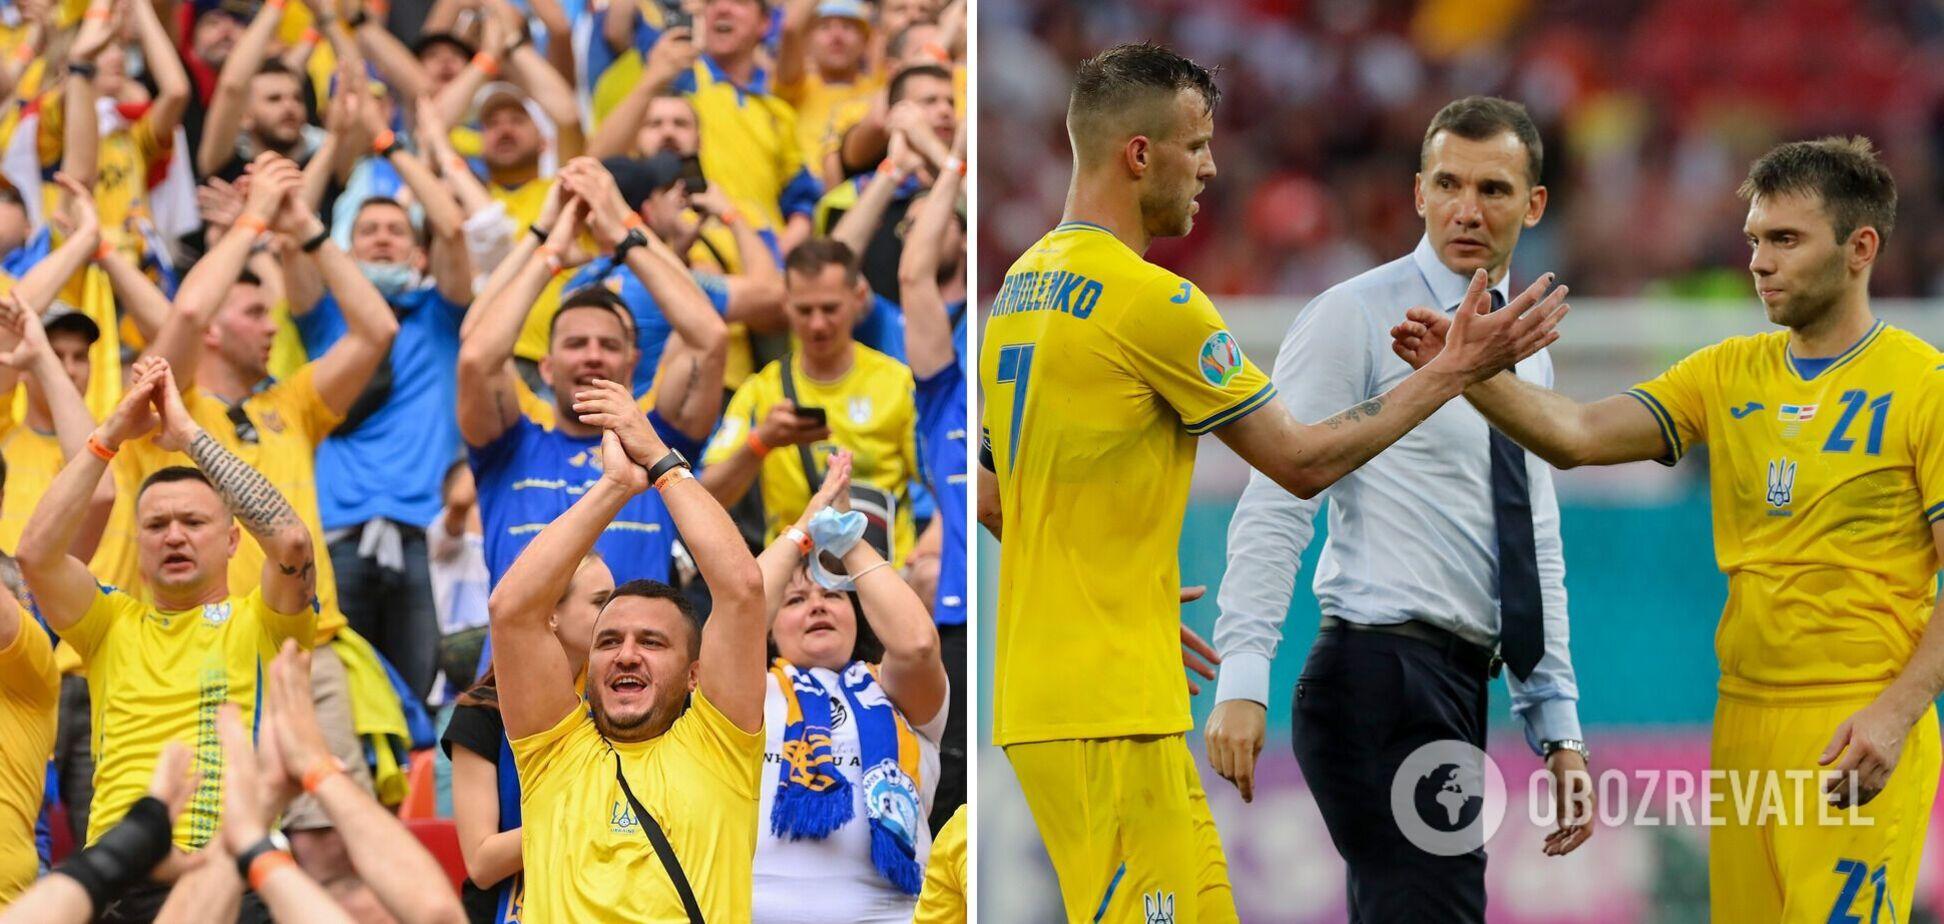 Сборная Украины проиграла Австрии со счетом 0:1